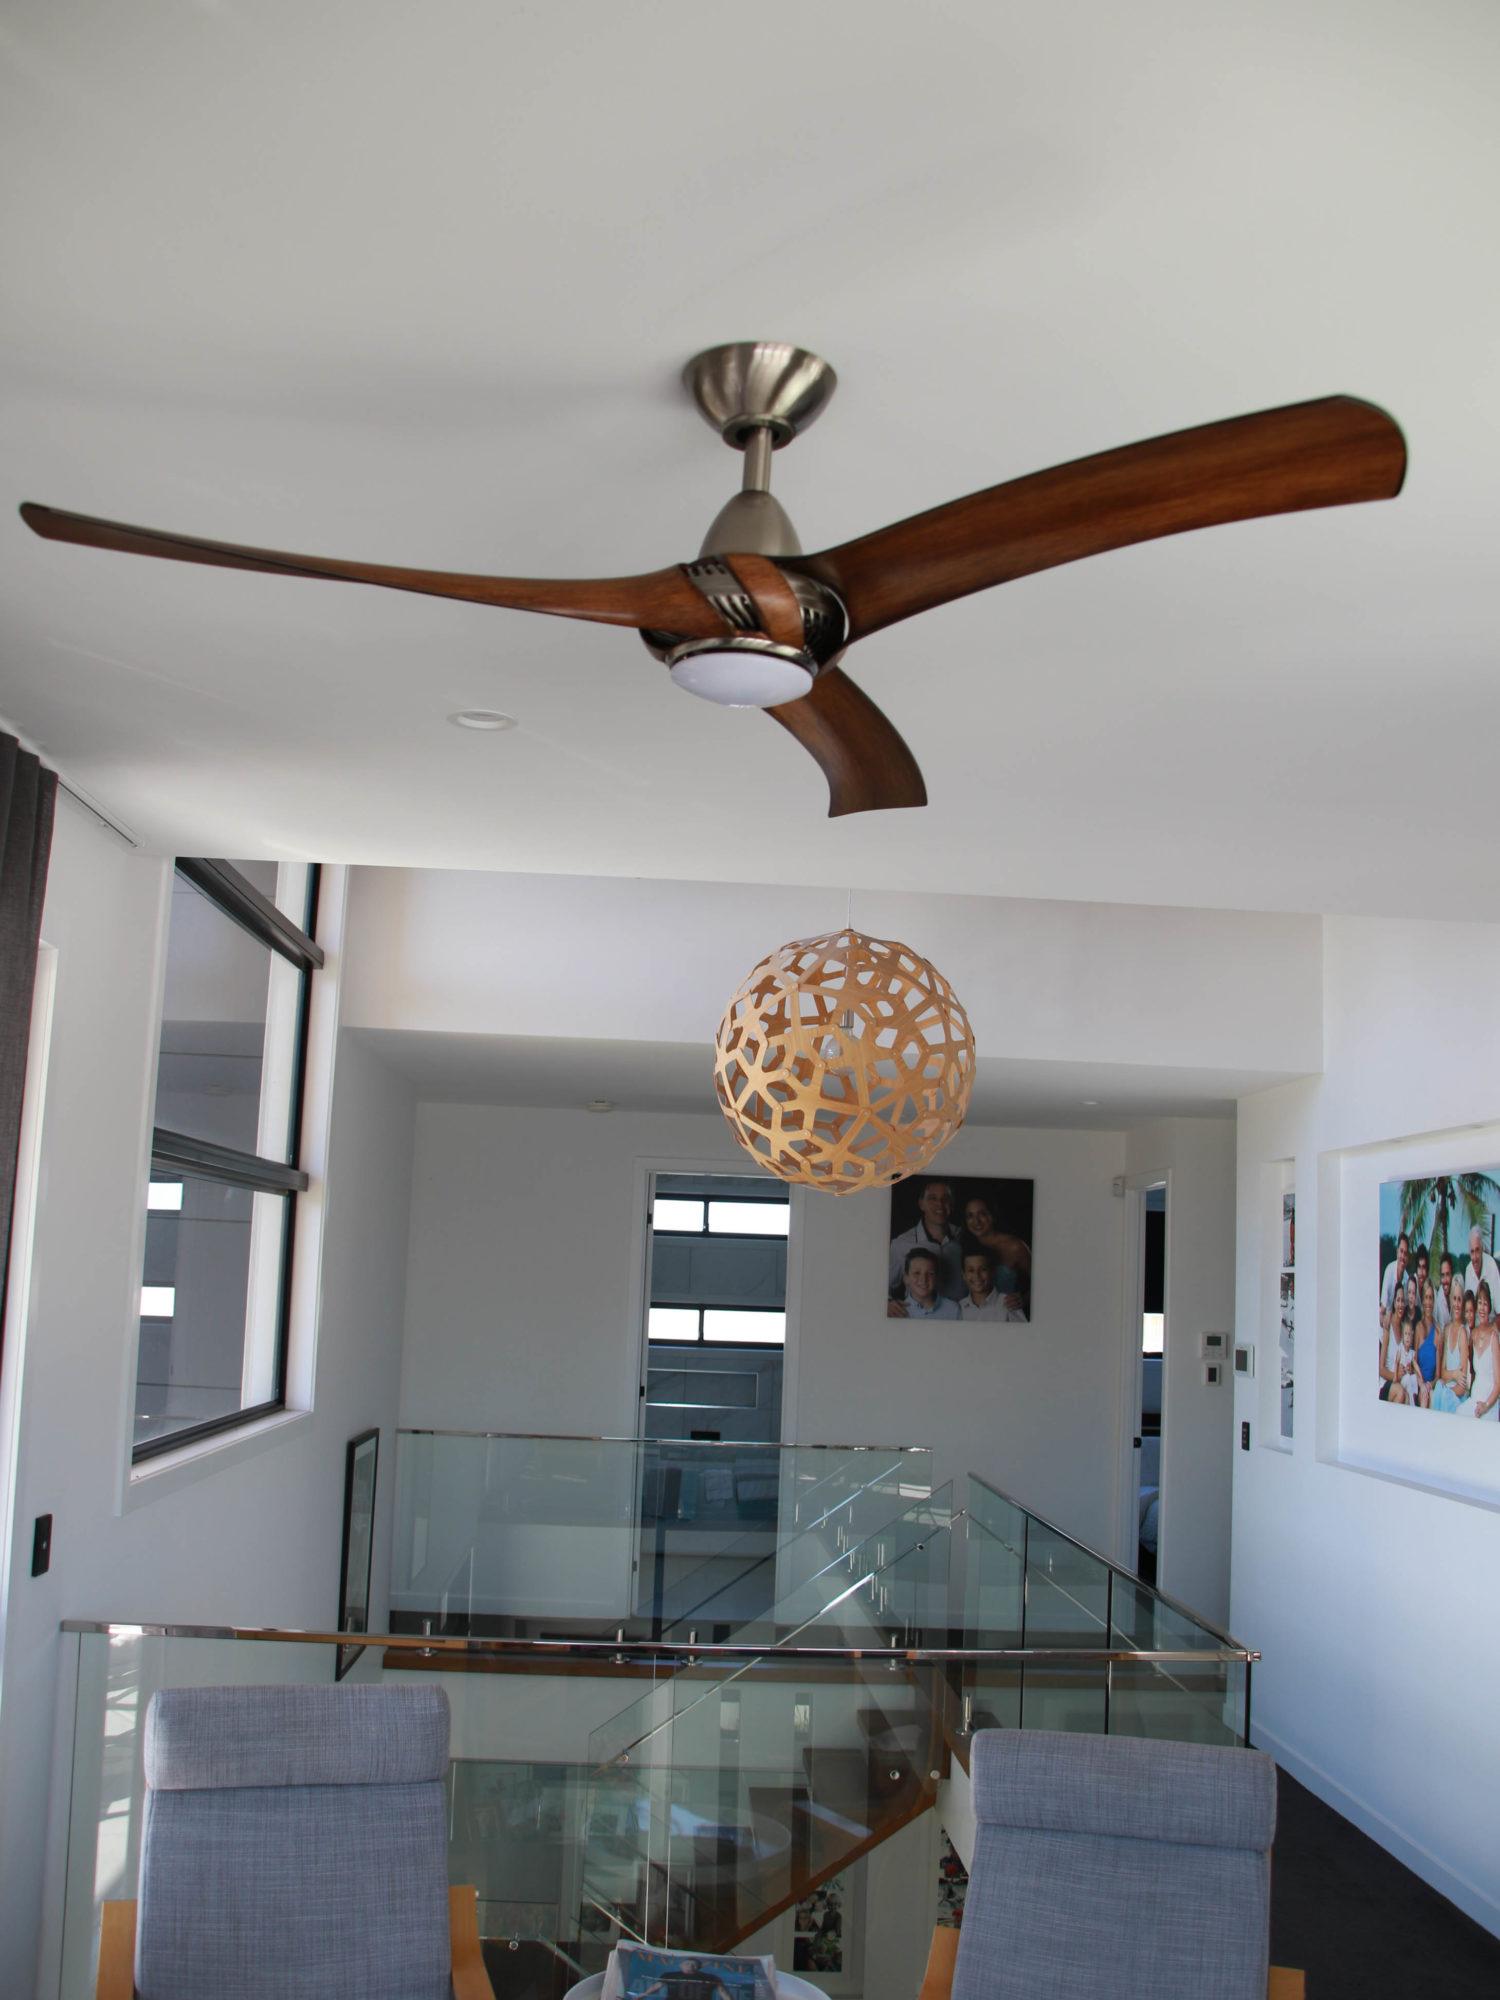 Arumi Ceiling Fan 20